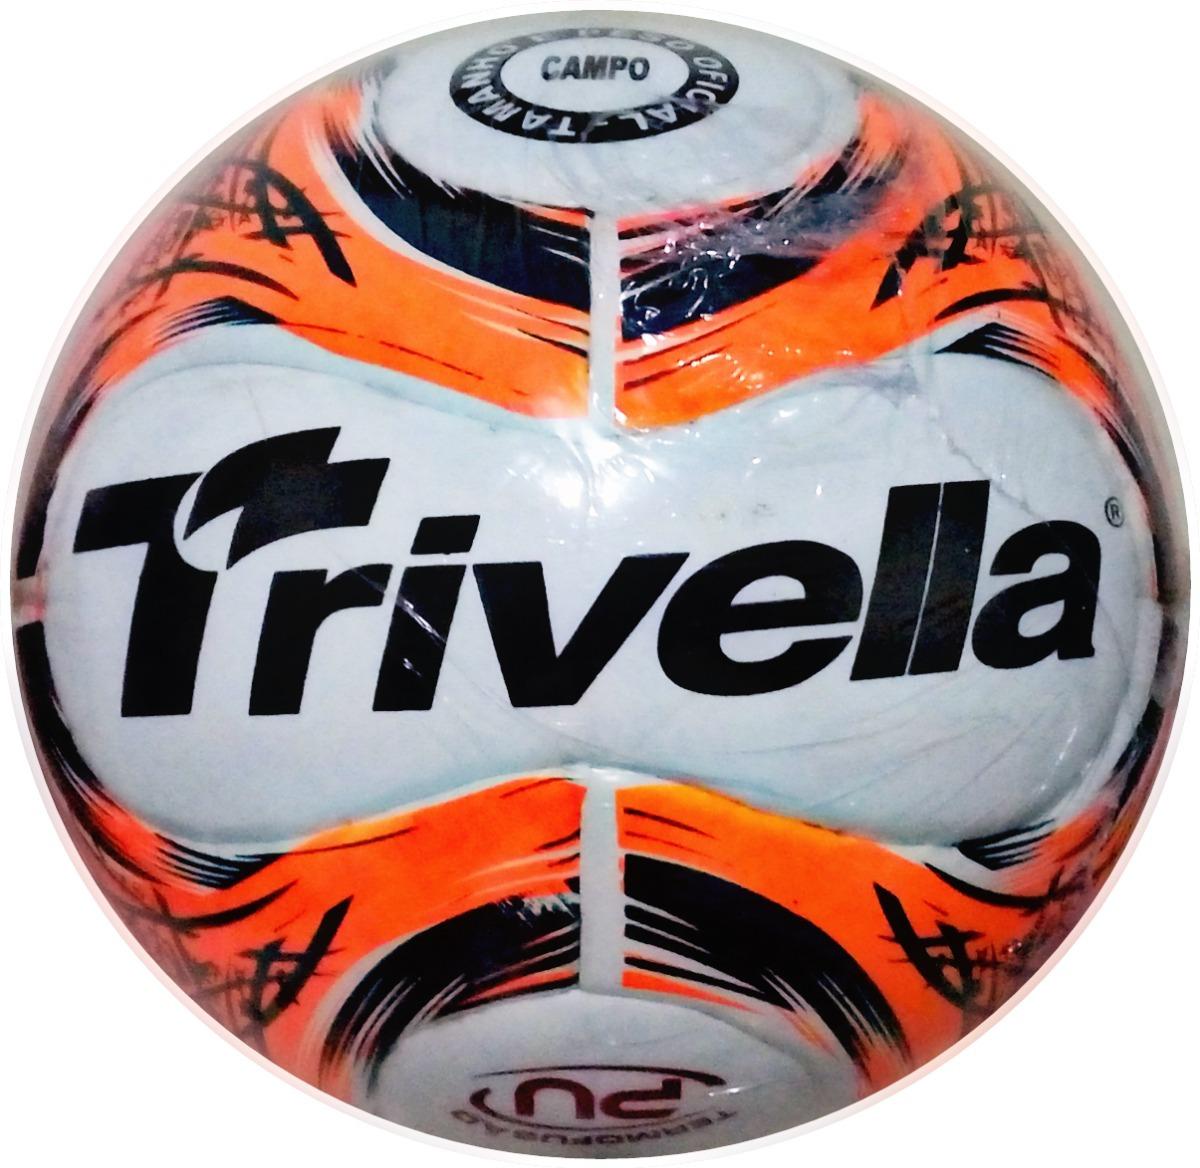 d211ef668 bola de futebol de campo trivella original - brasil gold. Carregando zoom.